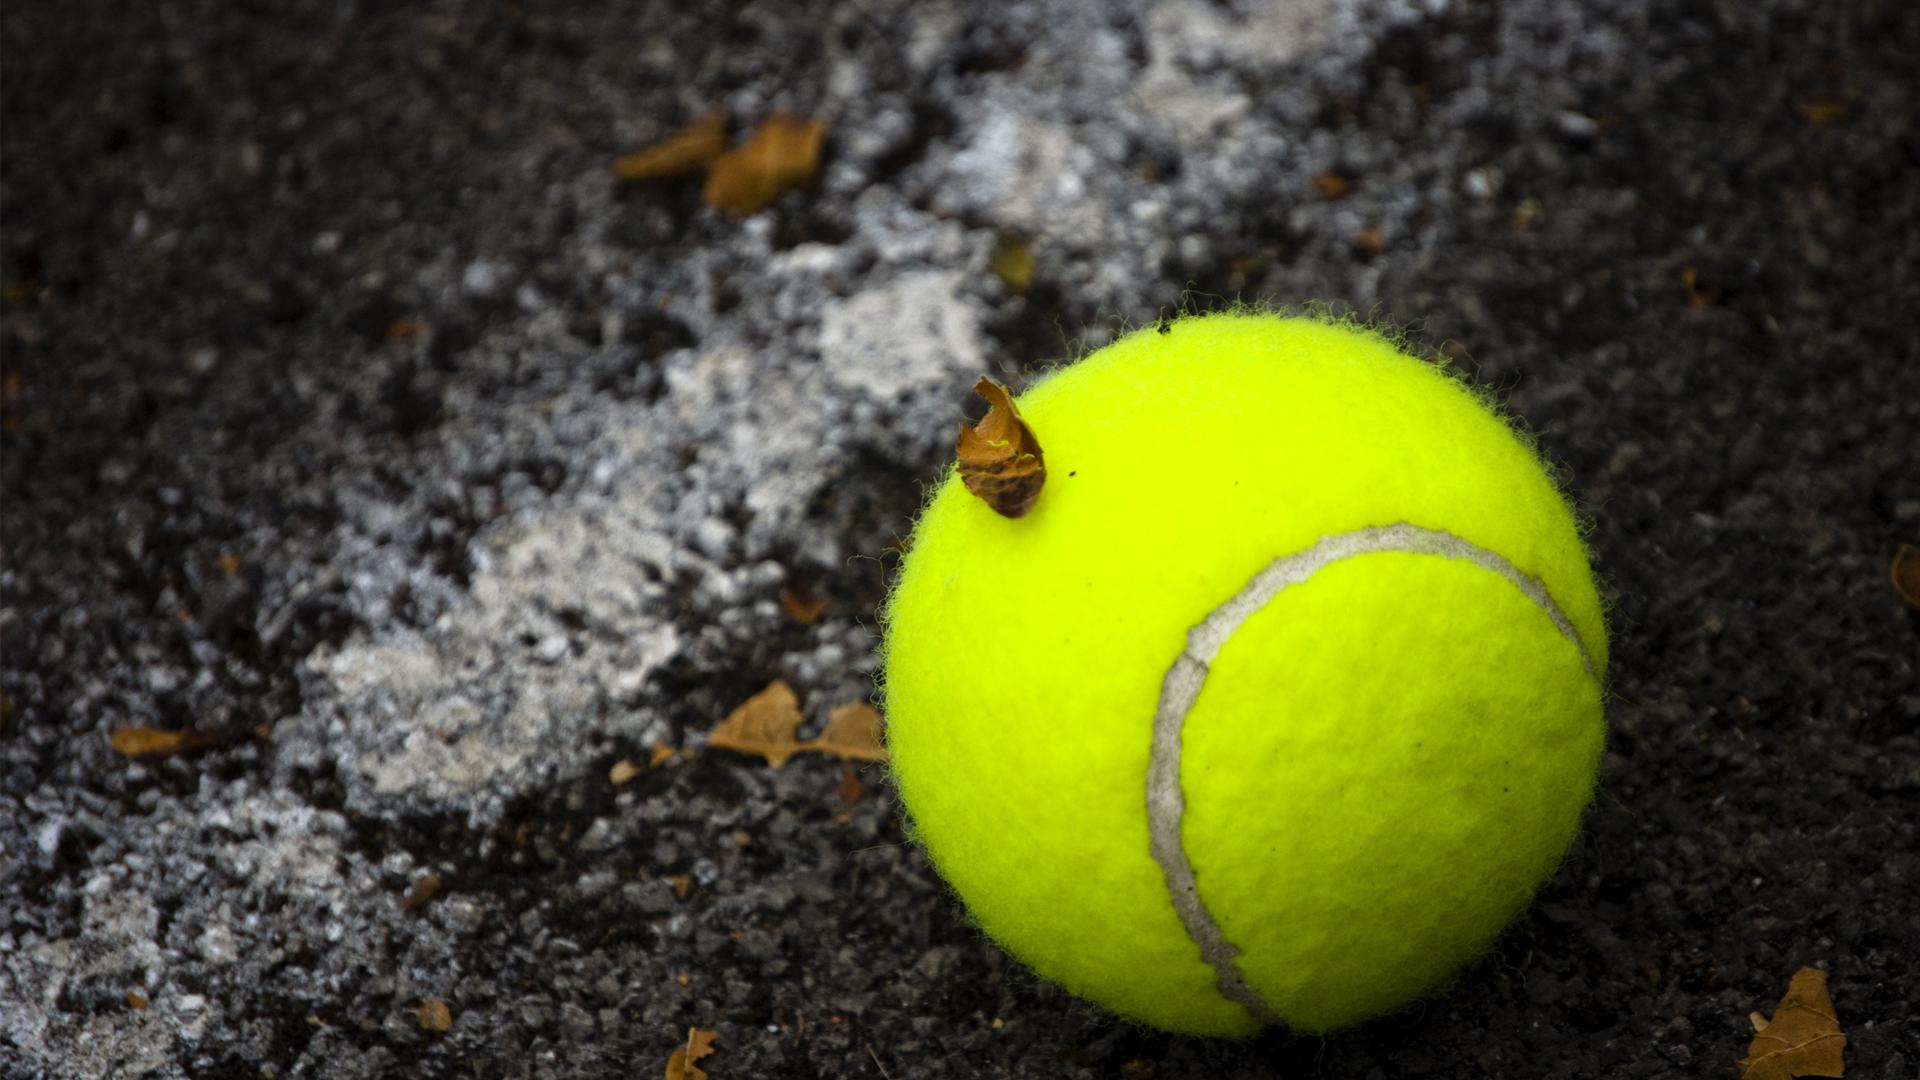 Tennis Ball Up Close Wallpaper 59881 1920x1080 Px HDWallSource